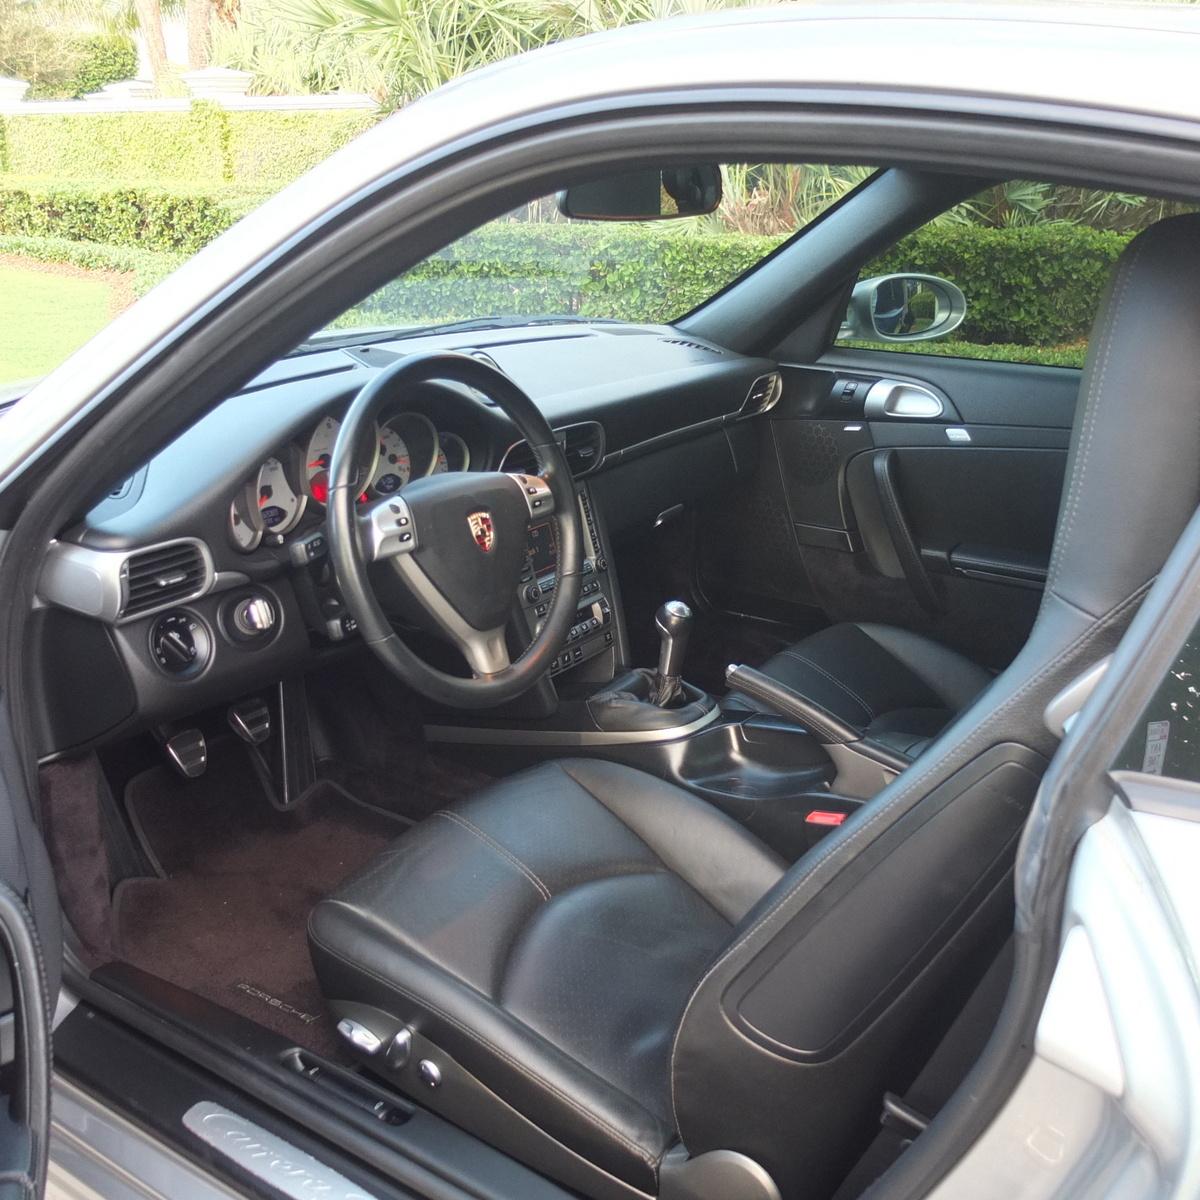 1998 Porsche 911 Interior: 2005 Porsche 911